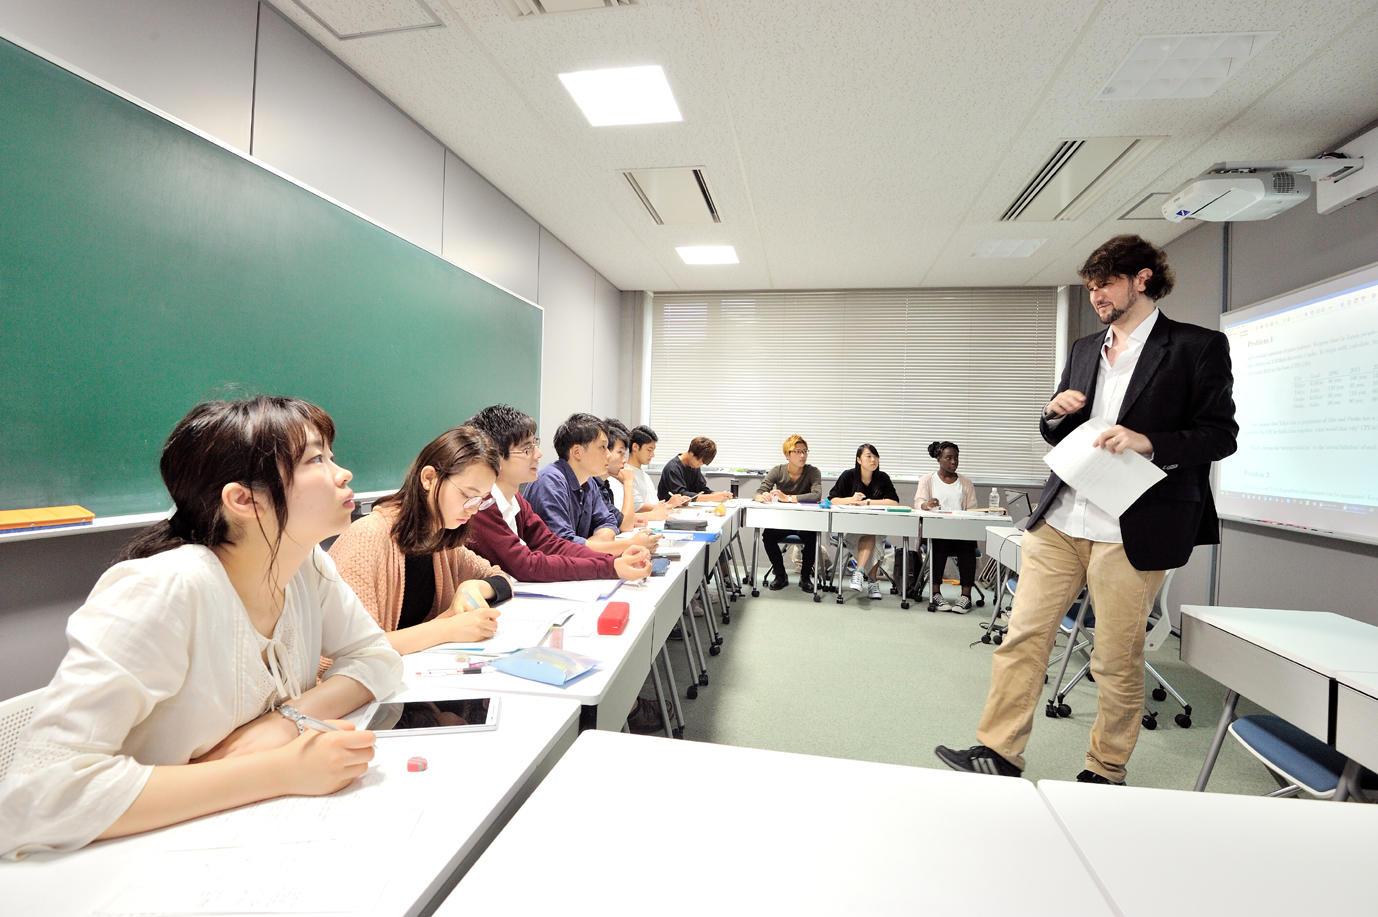 【武蔵大学】2019年度の履修・所属確約入試を増設 グローバル教育をより強化 -- 多文化共生の視点をもったグローバル市民を育成 --